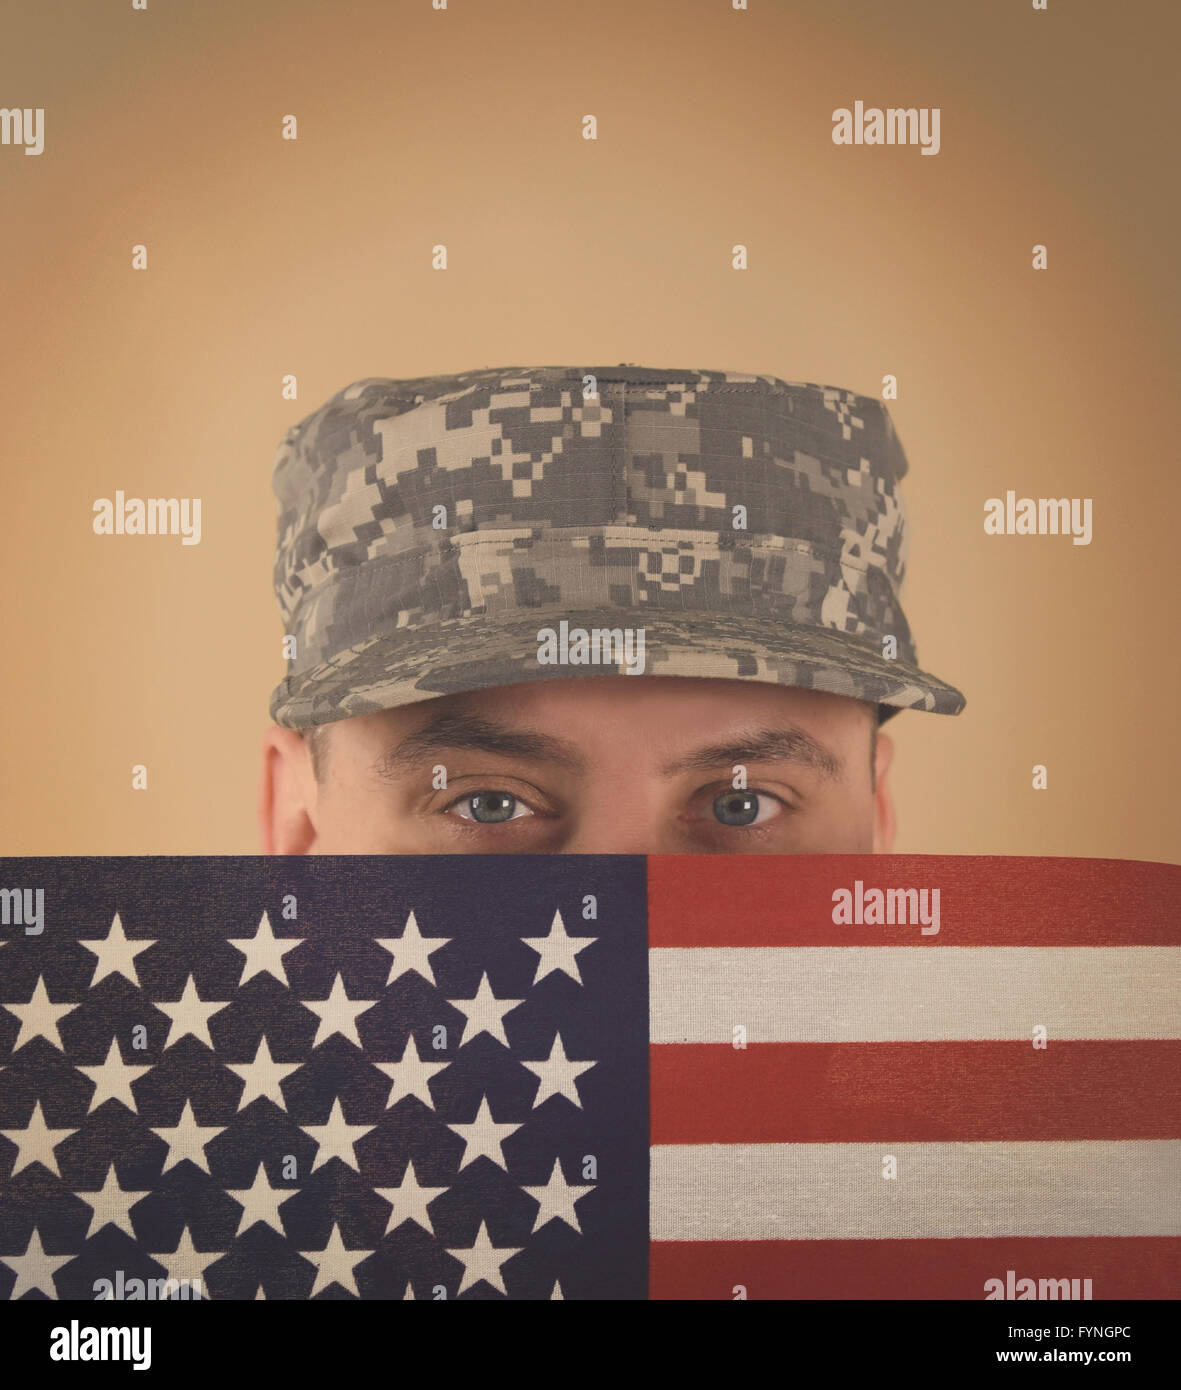 Un soldat de l'armée militaire est maintenant un drapeau américain jusqu'à son visage pour Photo Stock